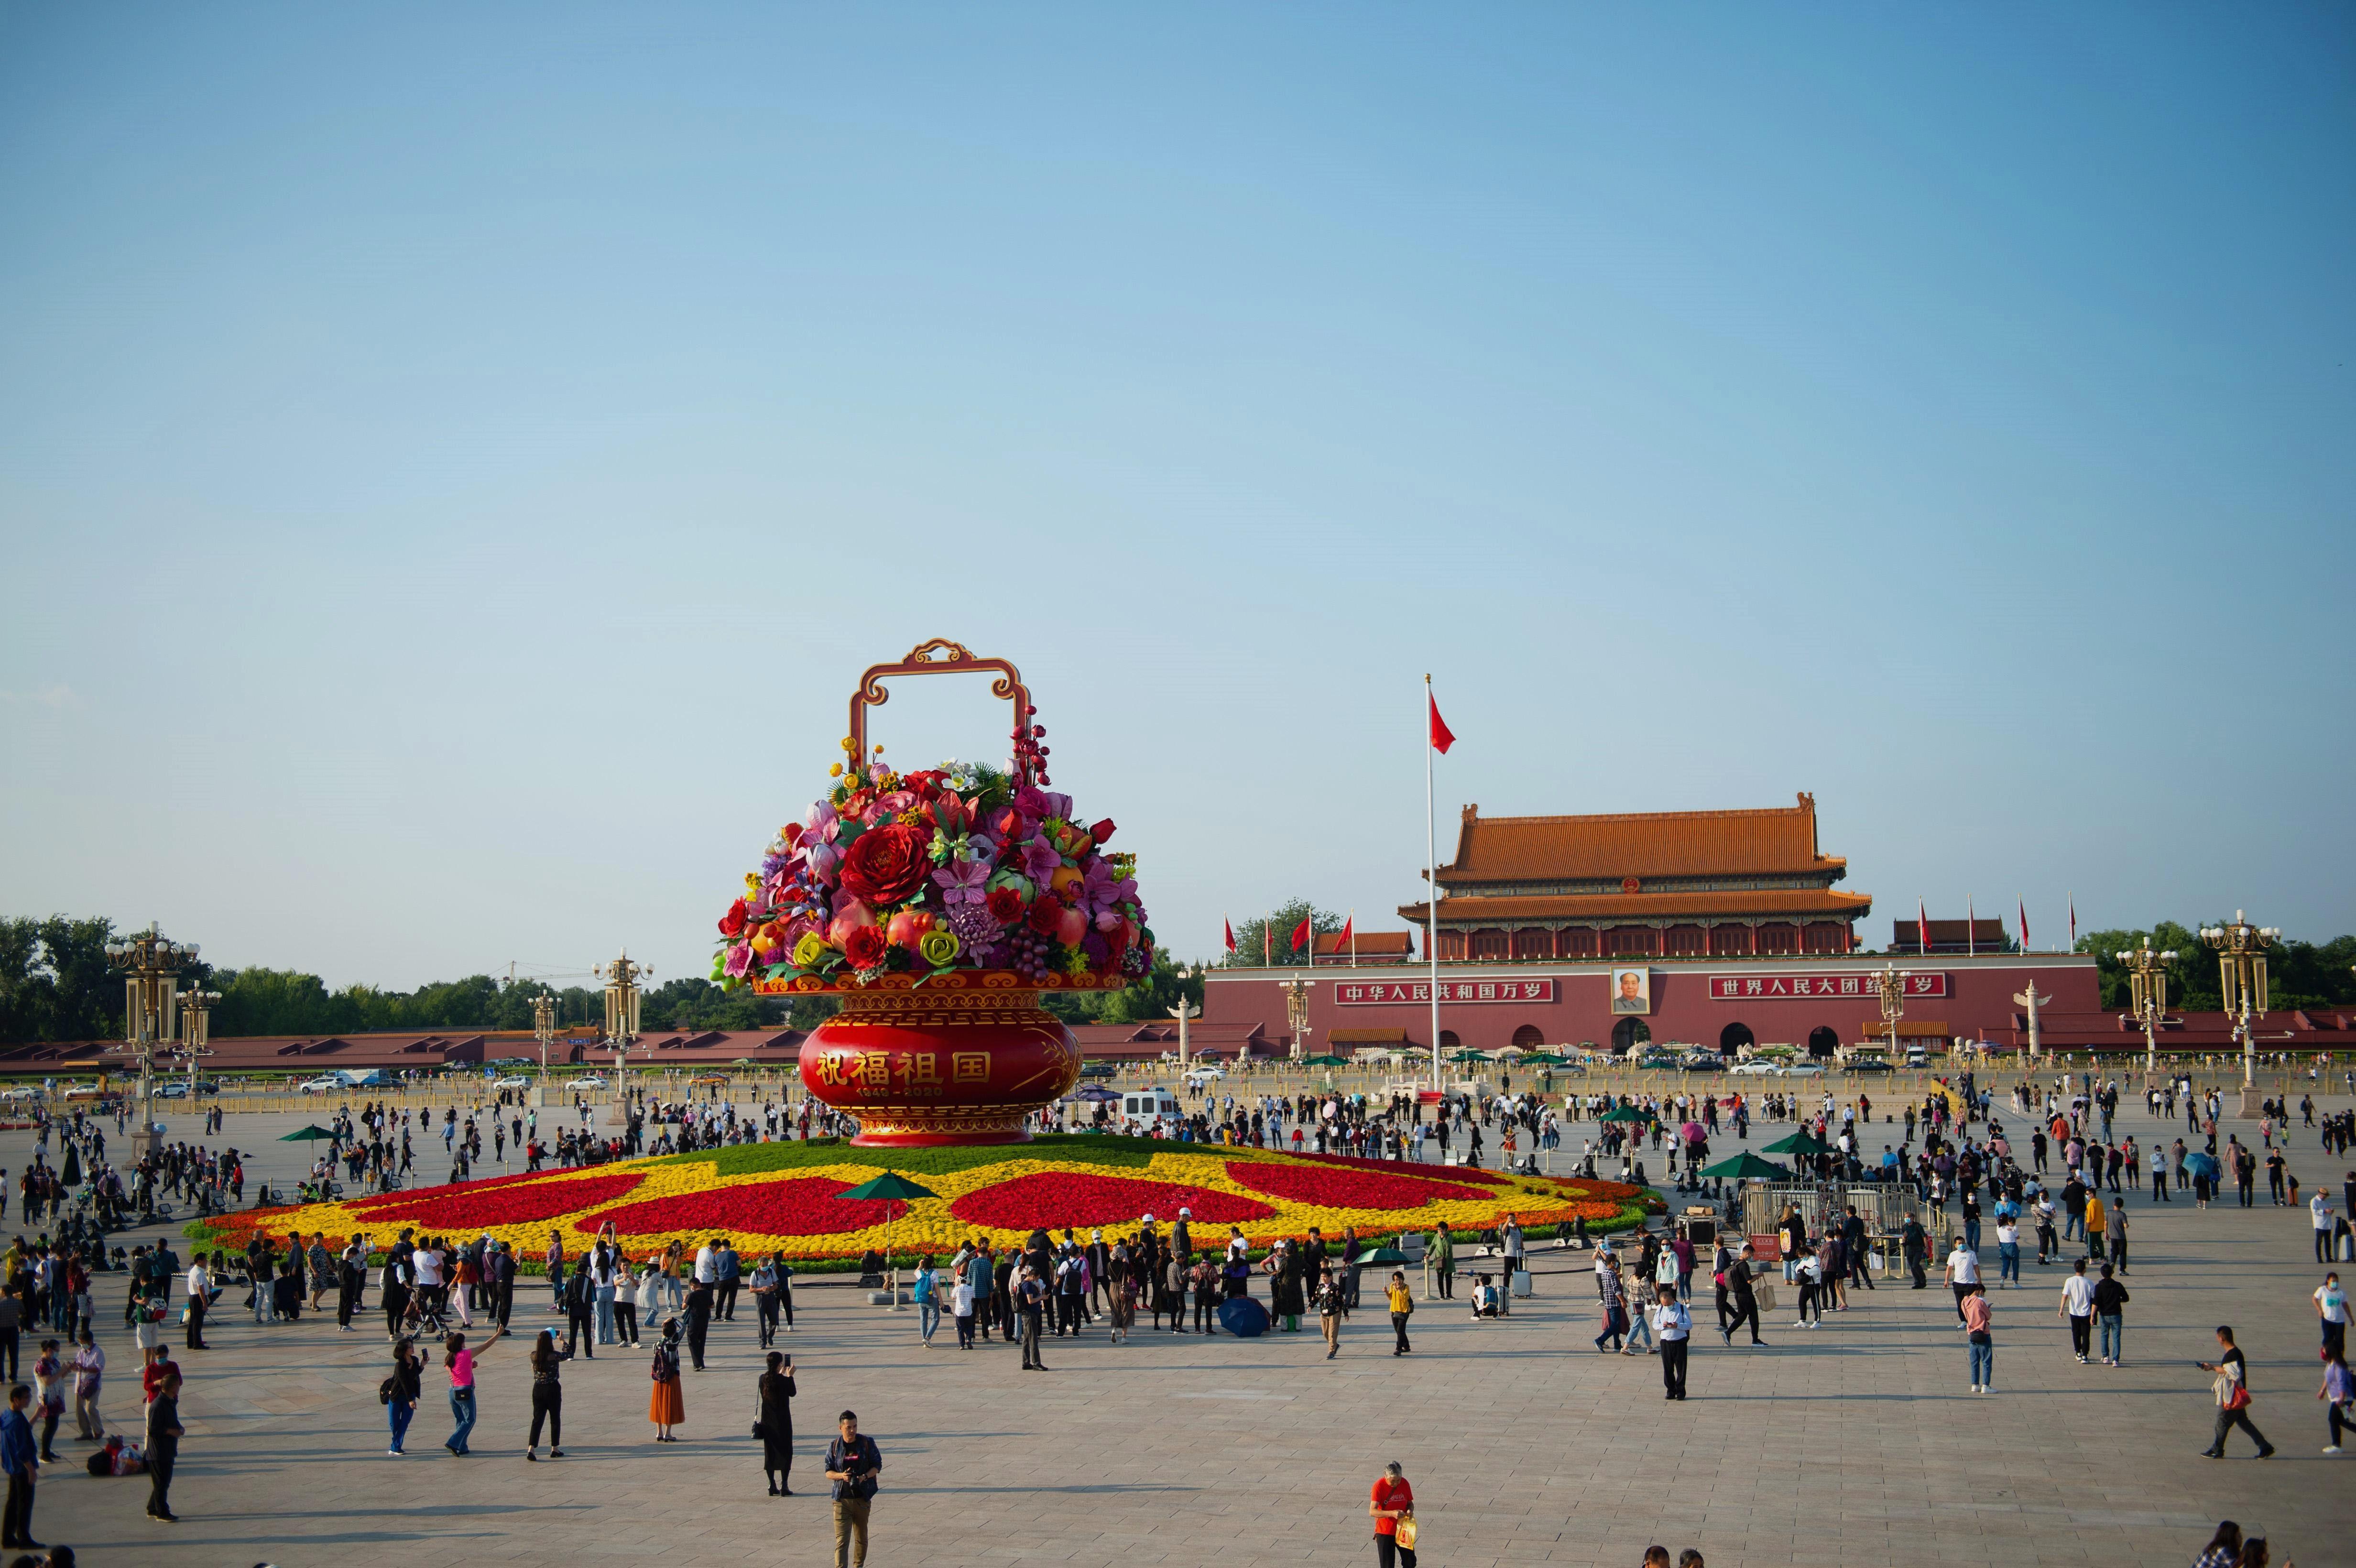 祝福祖国大花篮,首次亮灯天安门广场,背后的含义你要了解